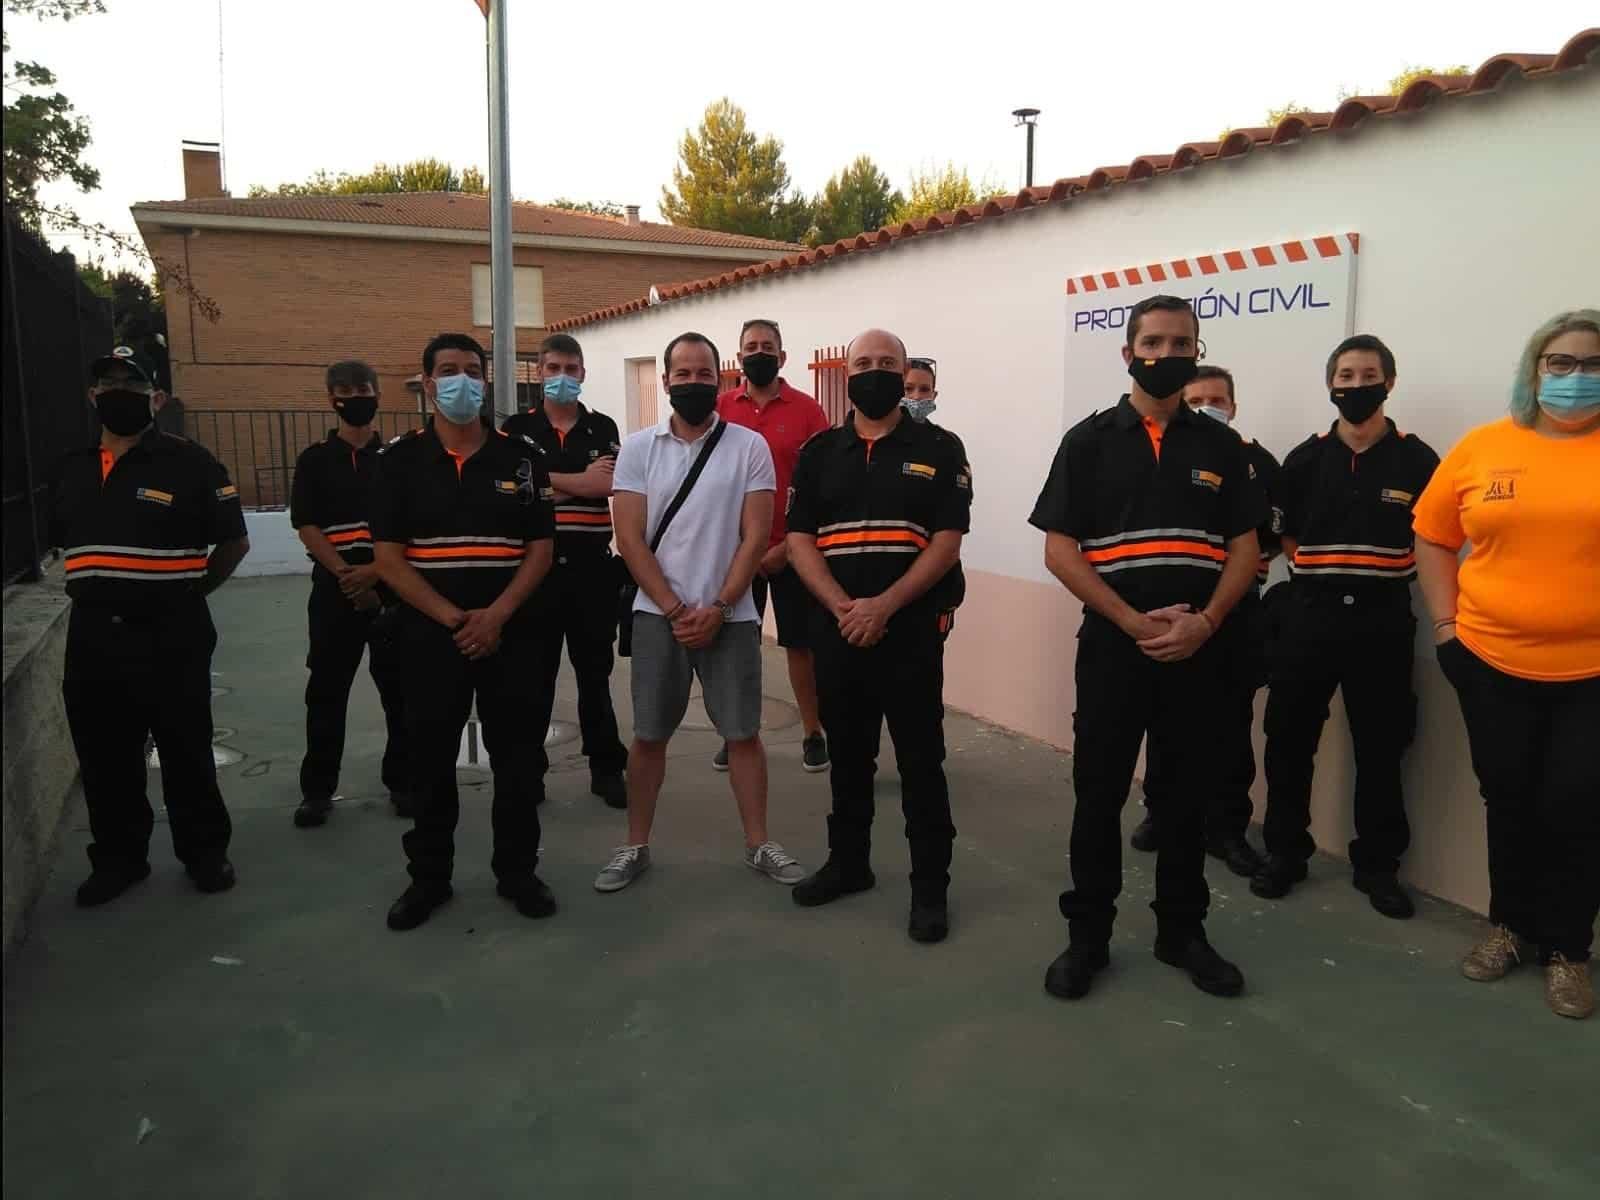 La Agrupación de Voluntarios de Protección Civil inauguró su nueva sede local 9